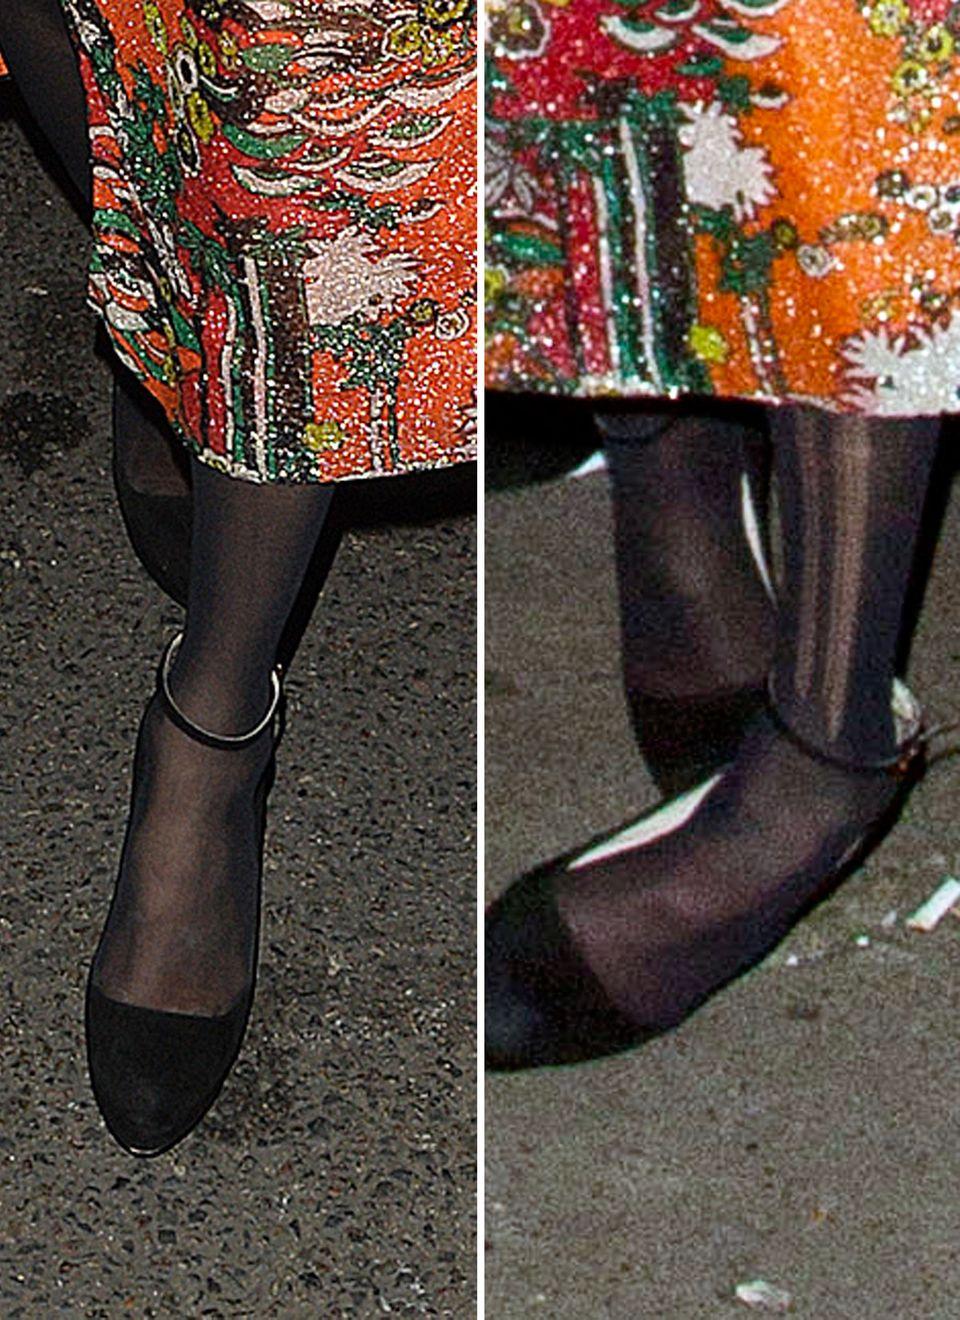 Bei ihrer Ankunft (l.) war die Strumpfhose von Kate Moss noch unbeschädigt. Nach einigen Gläsern Alkohol (r.) konnte das Model nicht mehr geradeaus gehen und die Laufmaschen waren nicht zu übersehen.